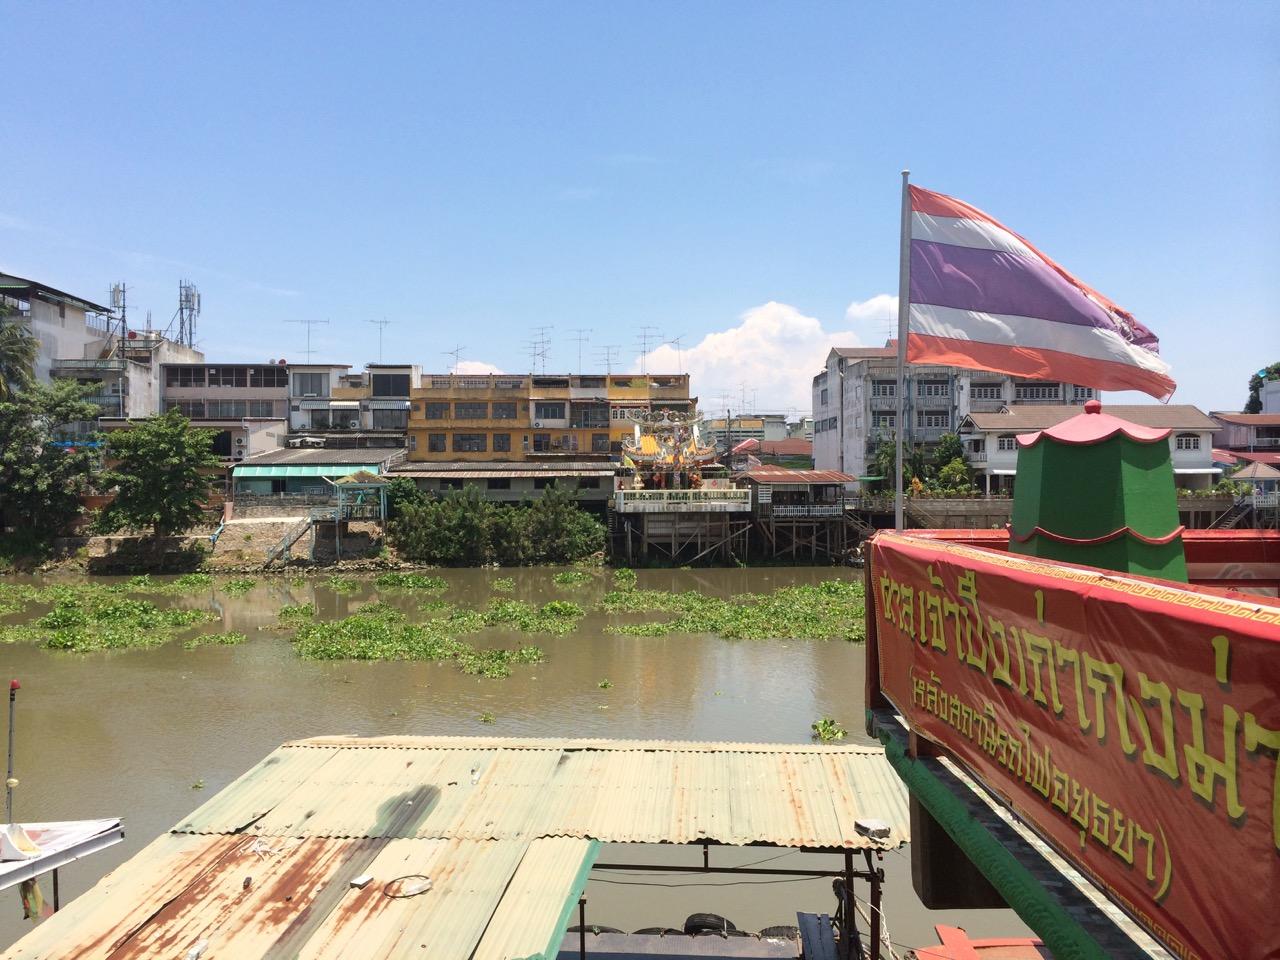 Путешествие по Таиланду, Аюттхая: Паромная переправа через реку